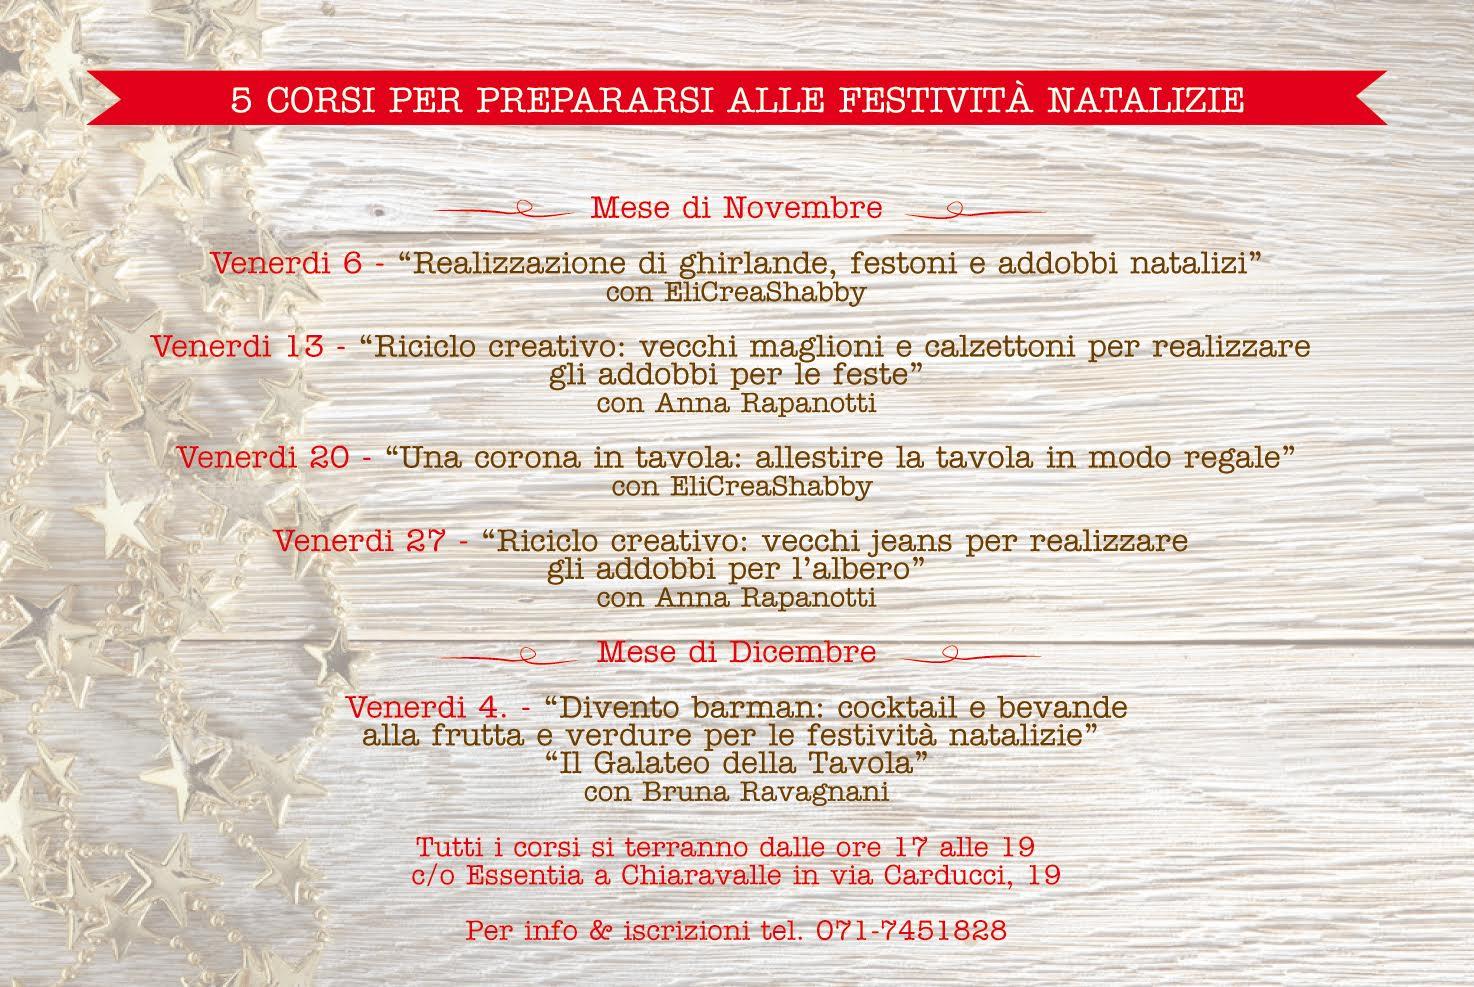 Prossimi corsi presso l'Essenti Decor di Chiaravalle